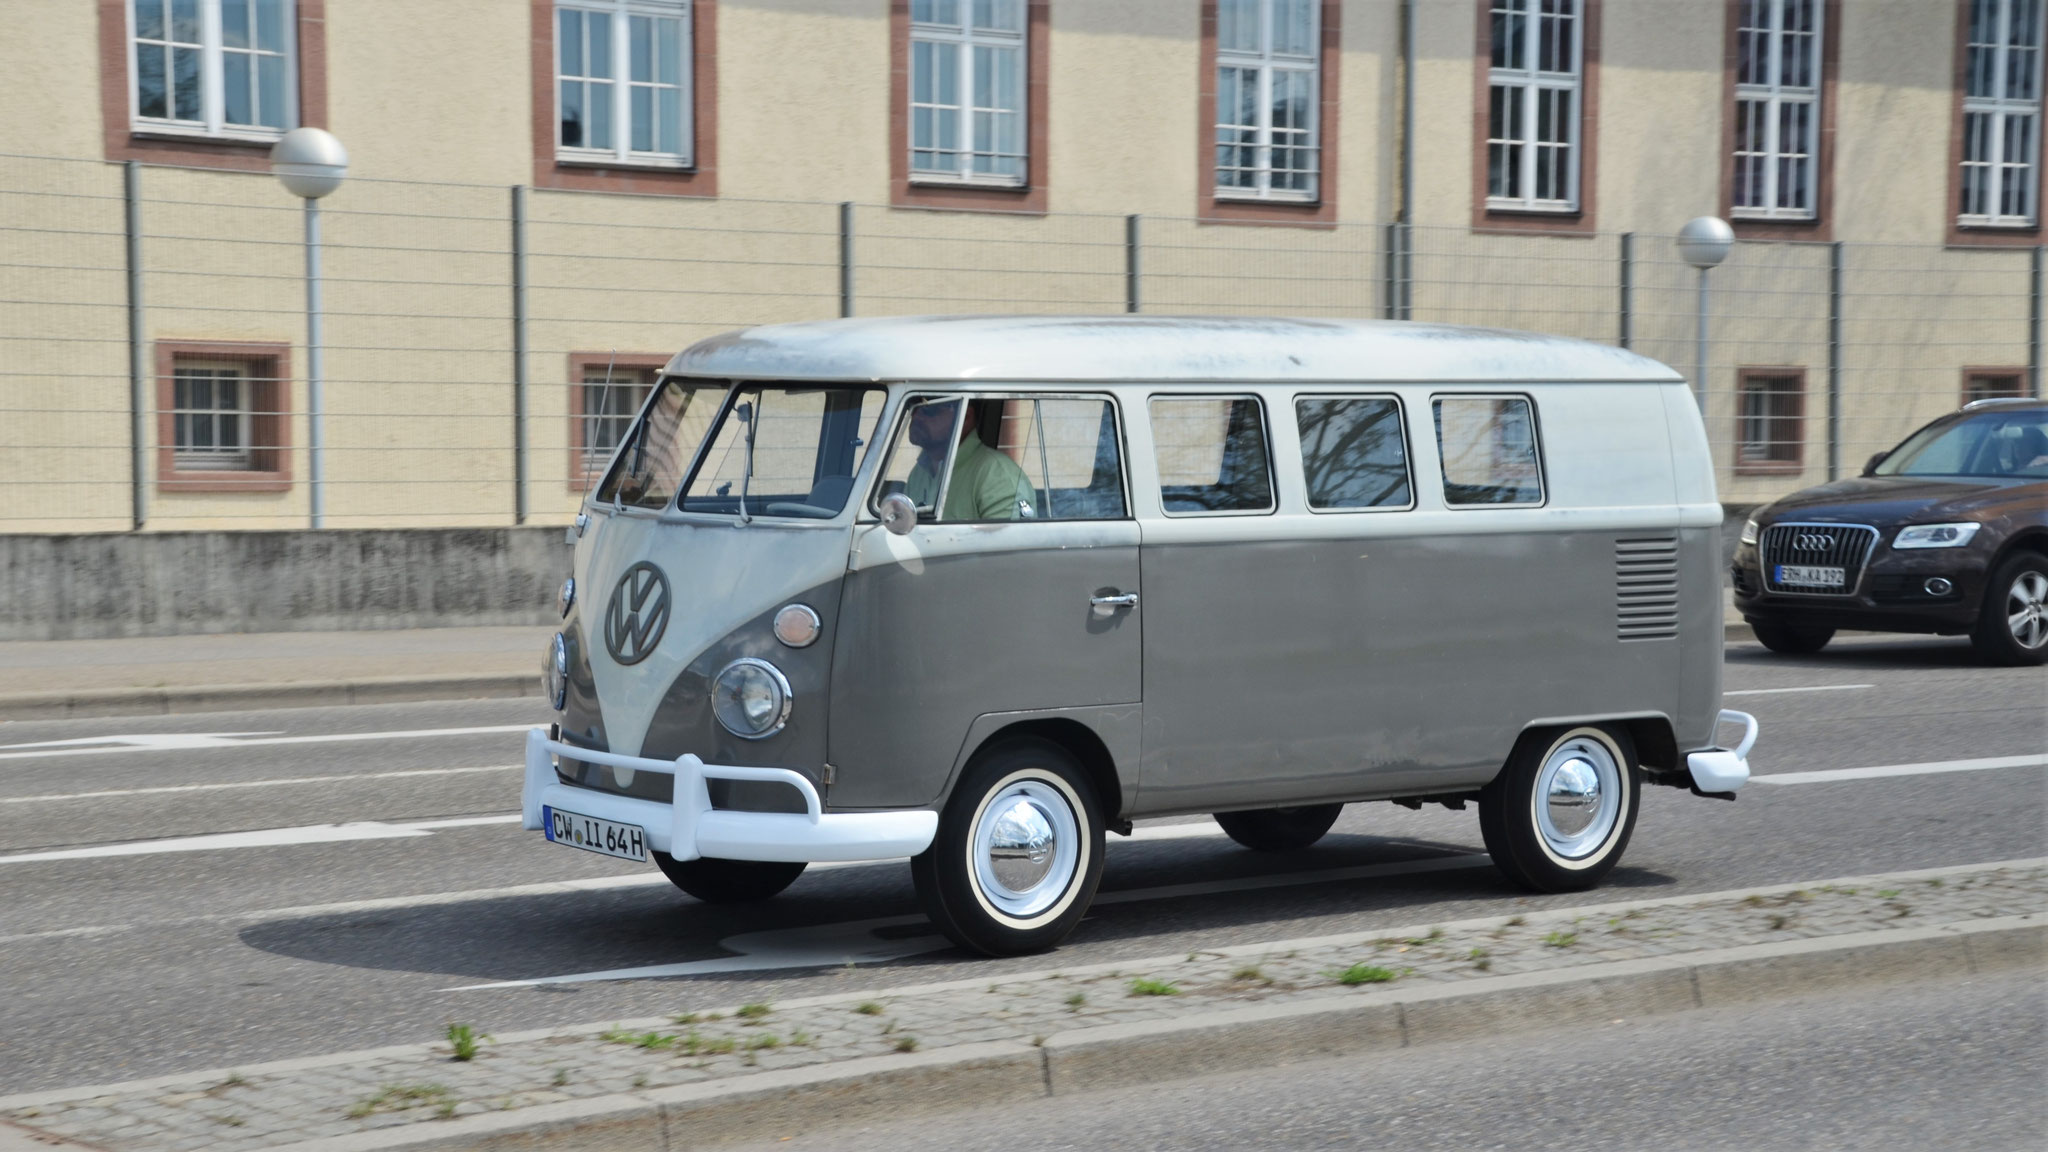 VW T1 - CW-II-64H